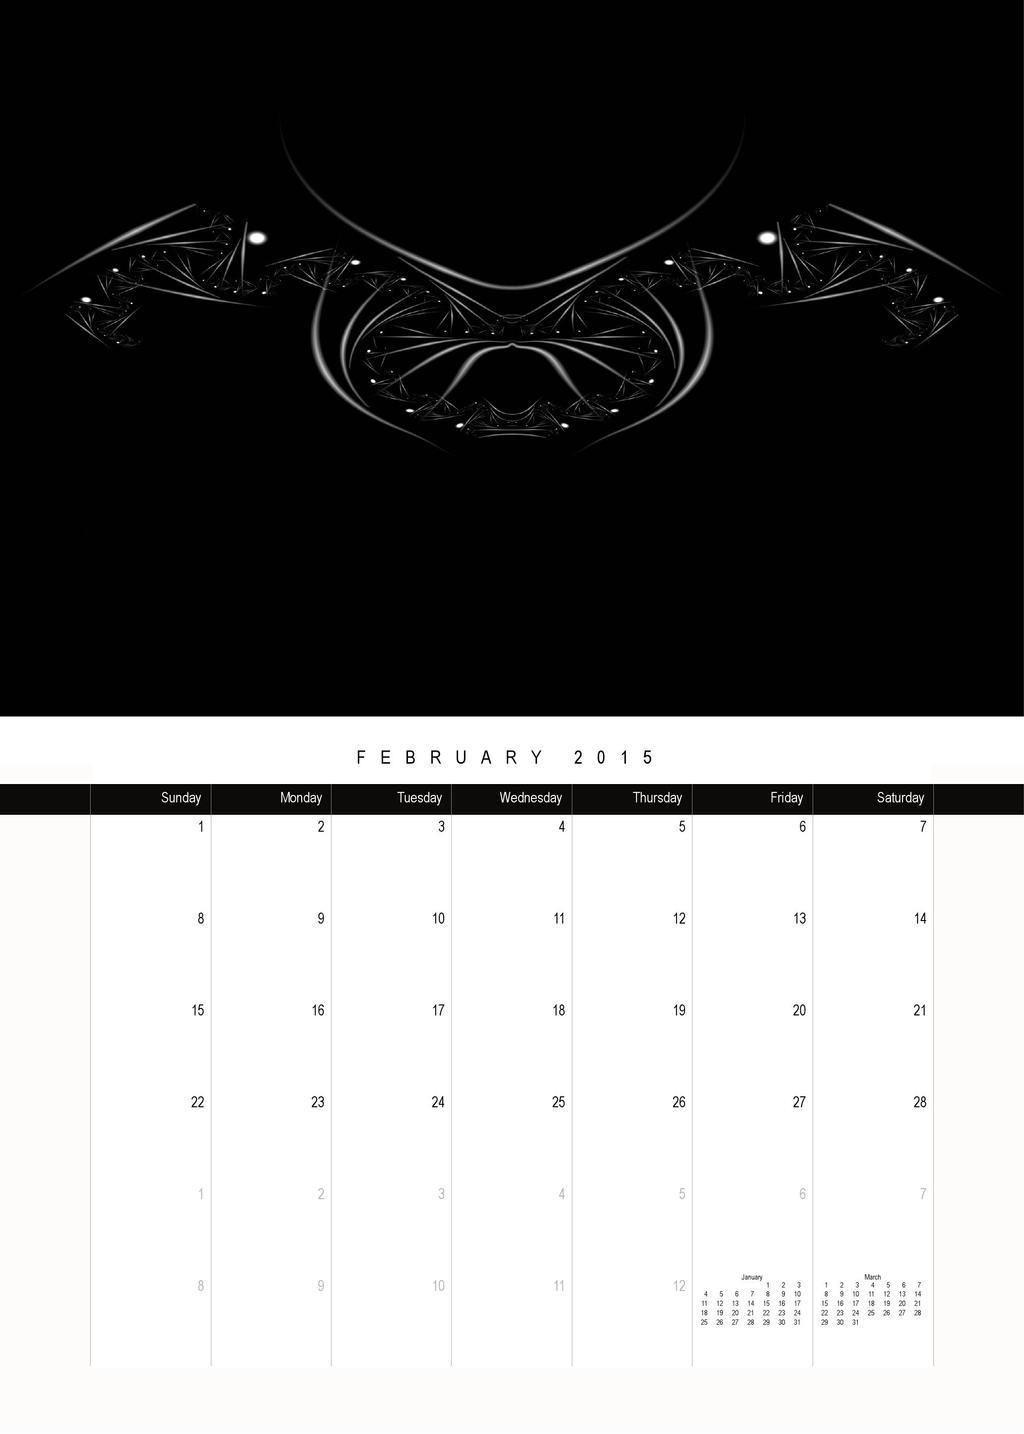 2015-calendar-artmatic-premium-mauxuam 000003 by mauxuam